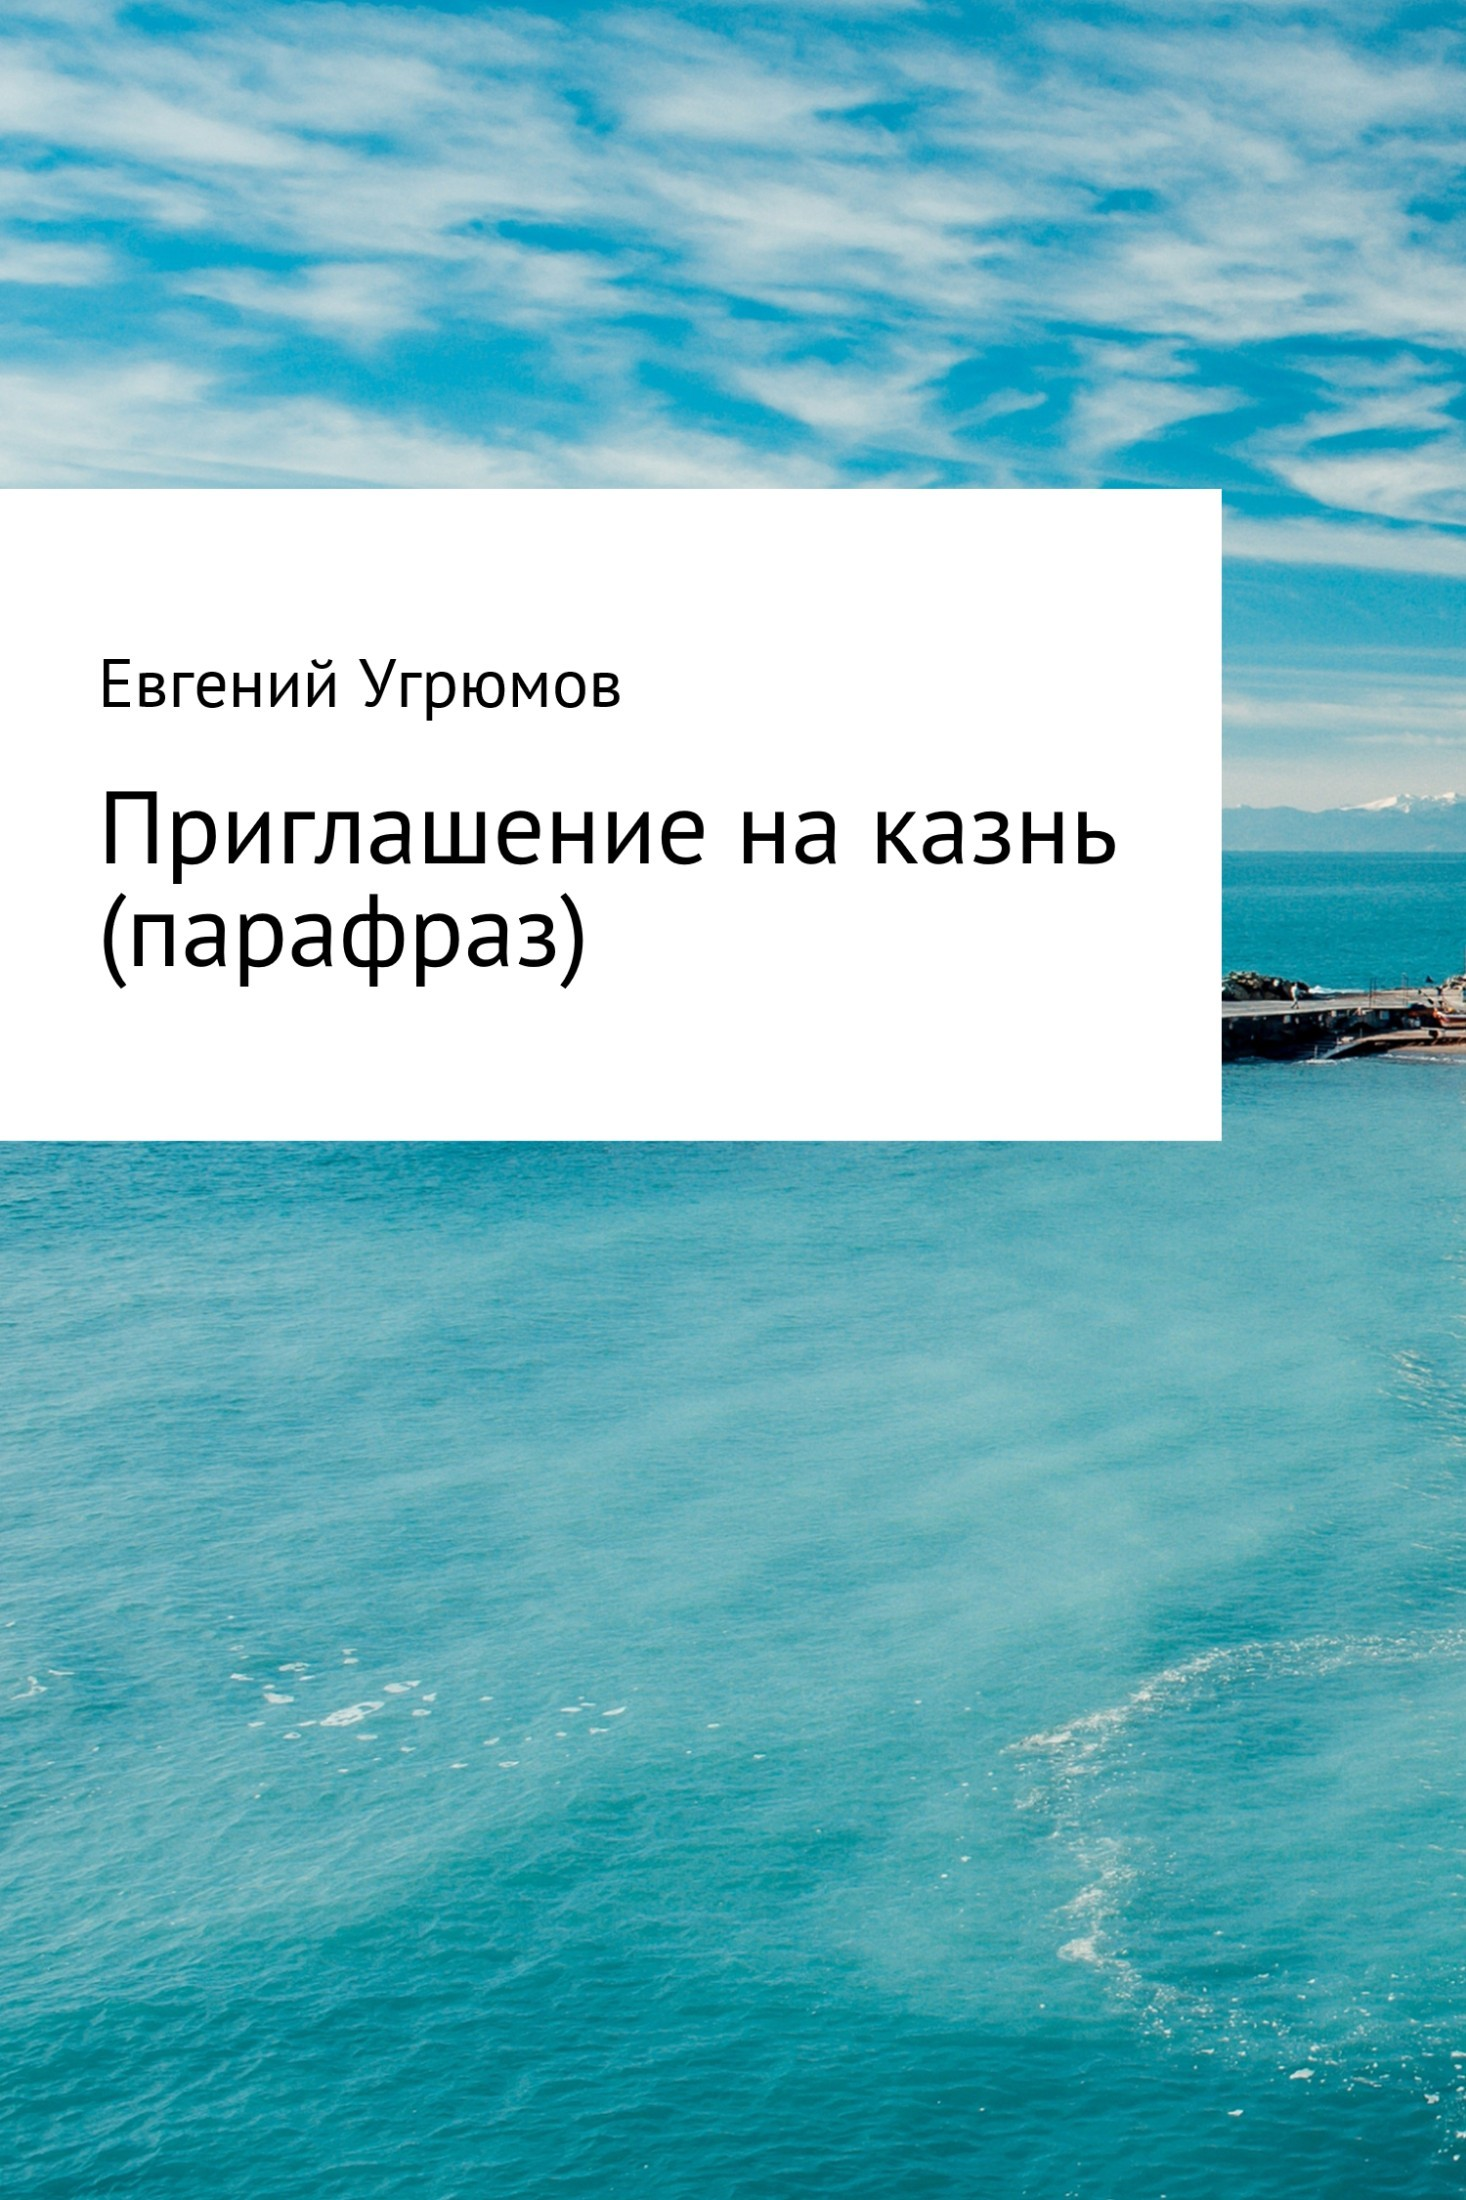 Евгений Юрьевич Угрюмов Приглашение на казнь (парафраз) евгений юрьевич угрюмов разговоры о тенях